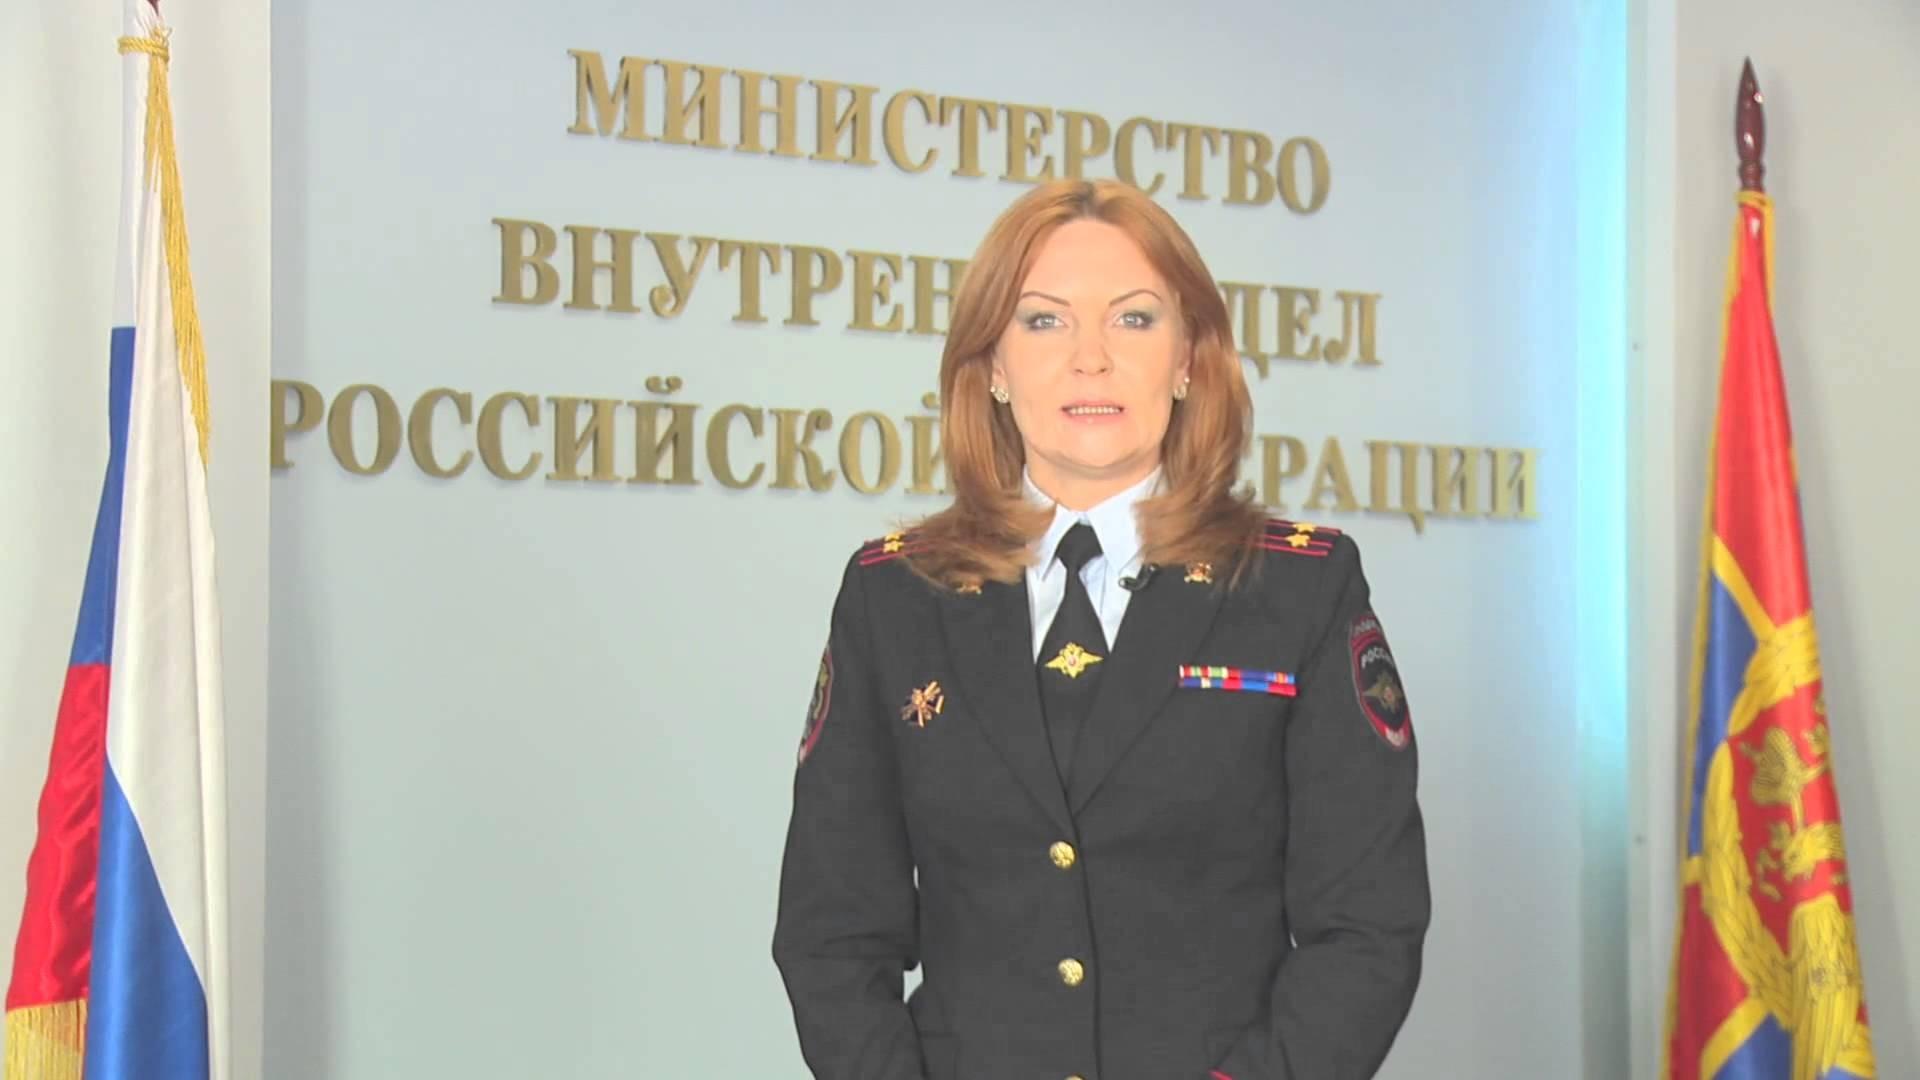 Пресс-секретаря МВД Елену Алексееву уволил Владимир Путин